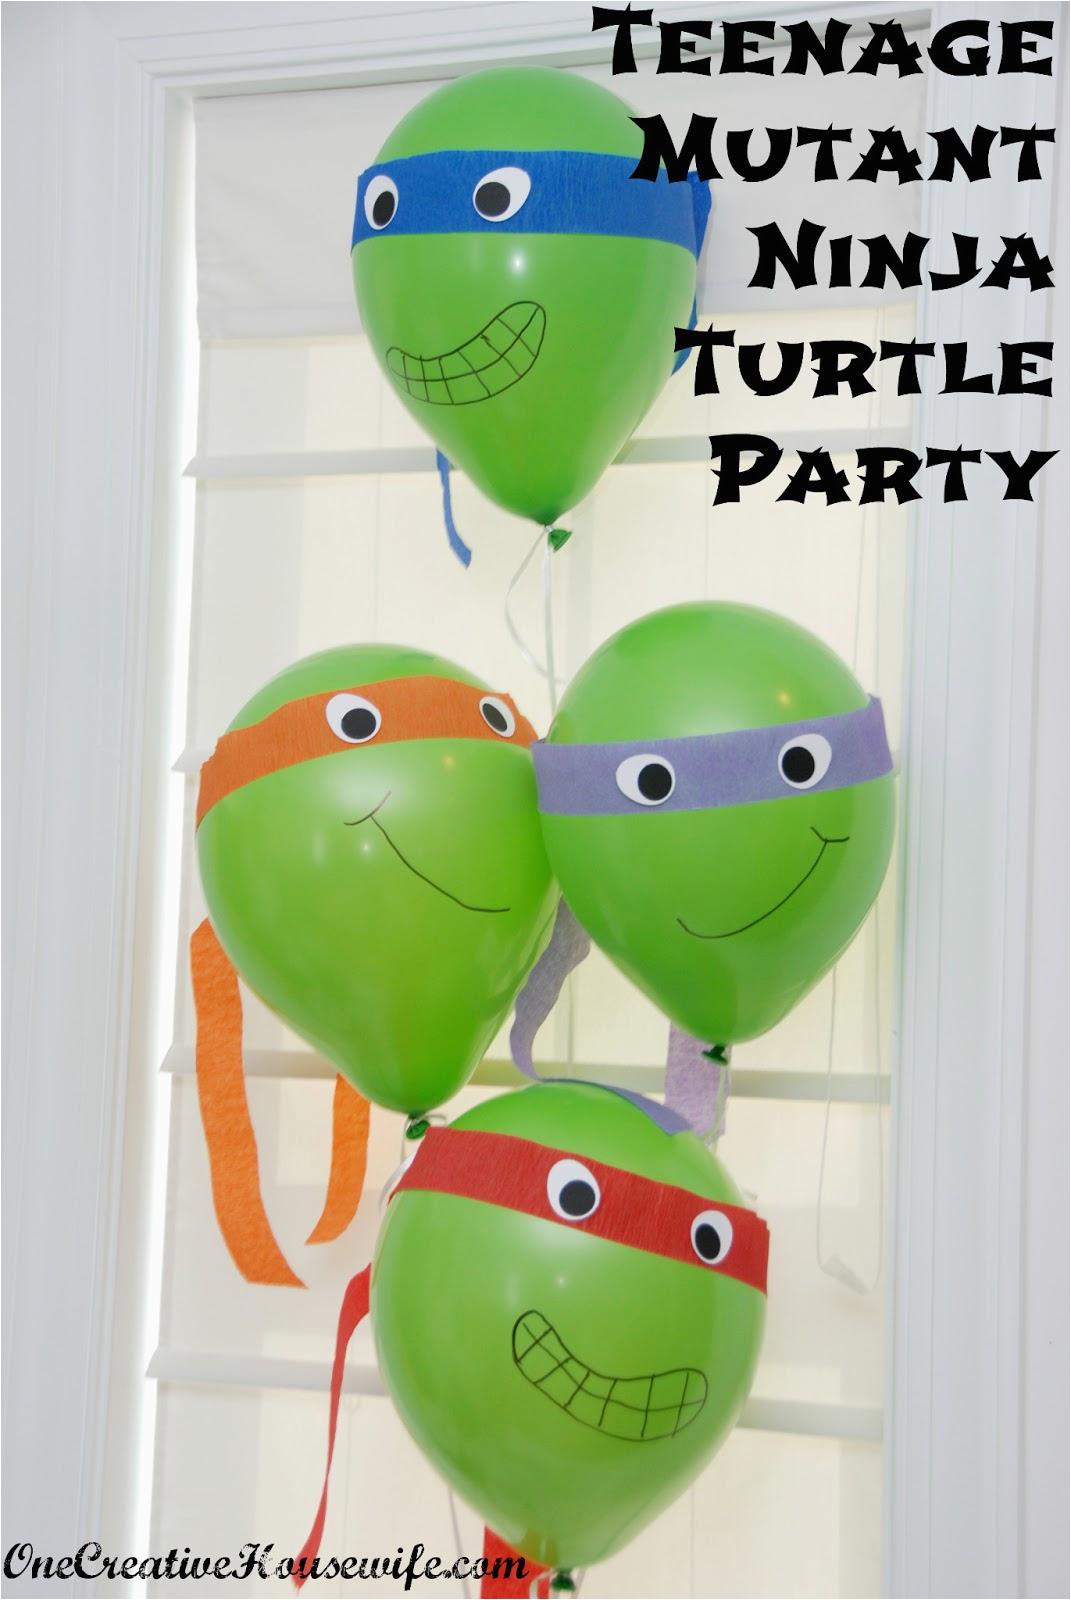 Teenage Mutant Ninja Turtles Birthday Decorations One Creative Housewife Teenage Mutant Ninja Turtle Party